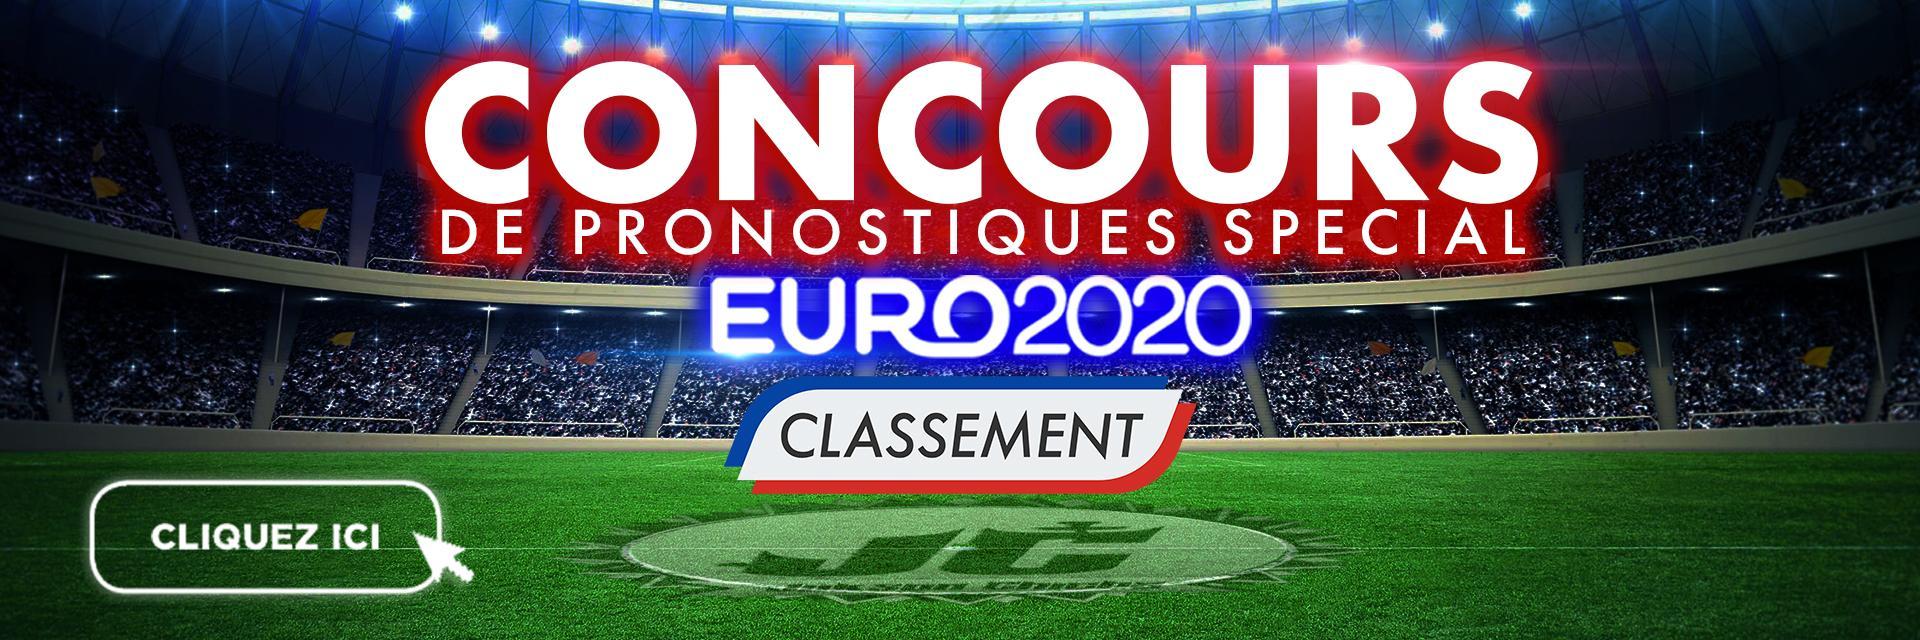 Banniere classement concours euro